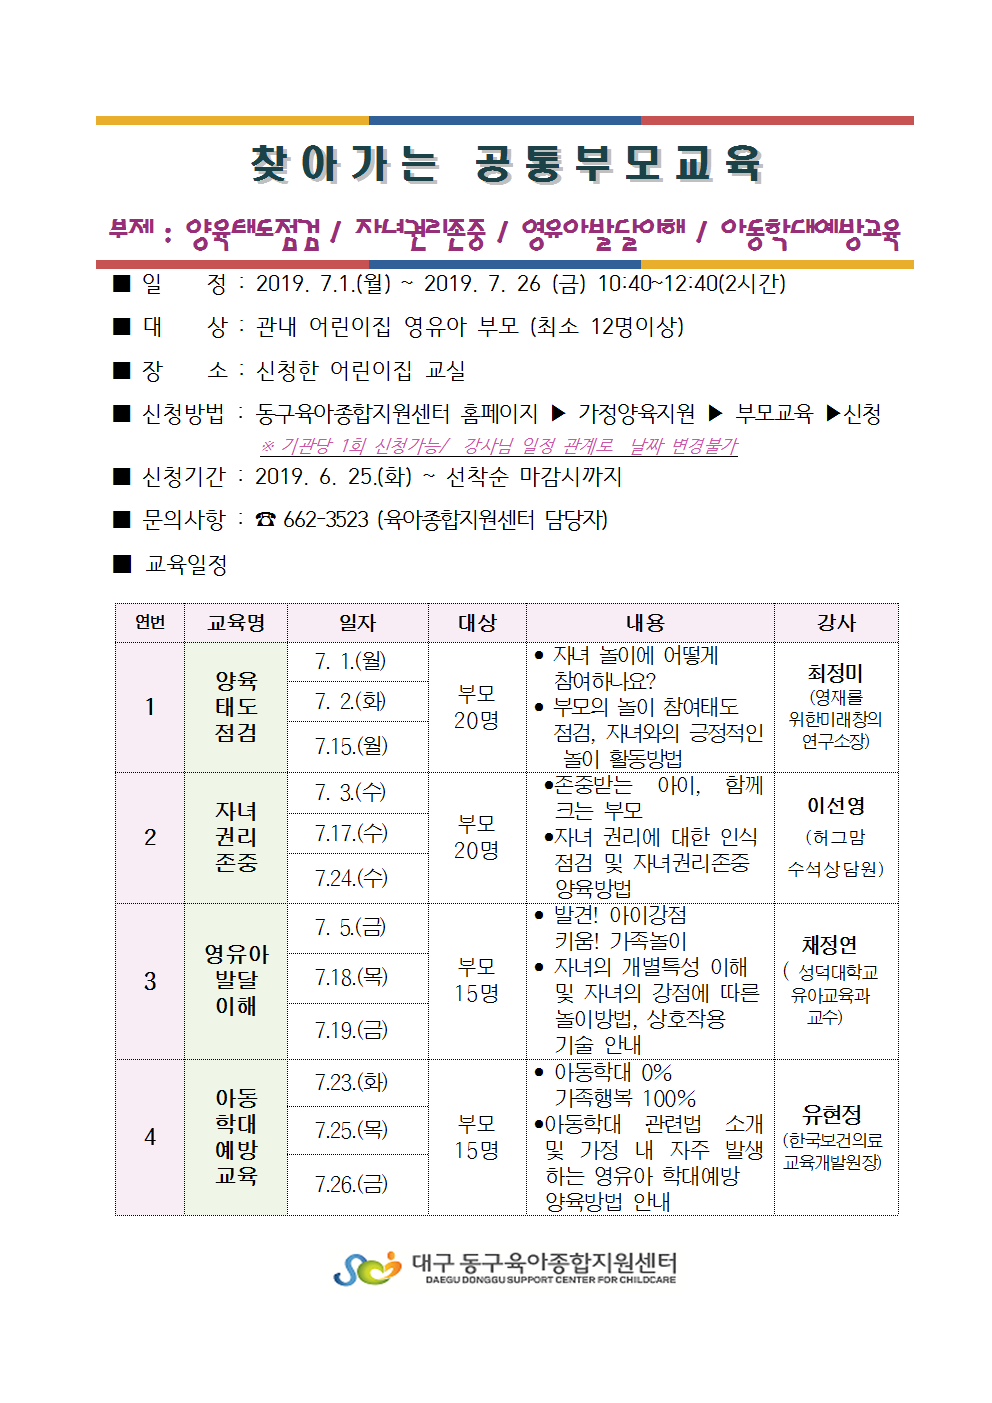 [가정양육지원사업] 2019년 7월 공통부모교육 세부계획001.png